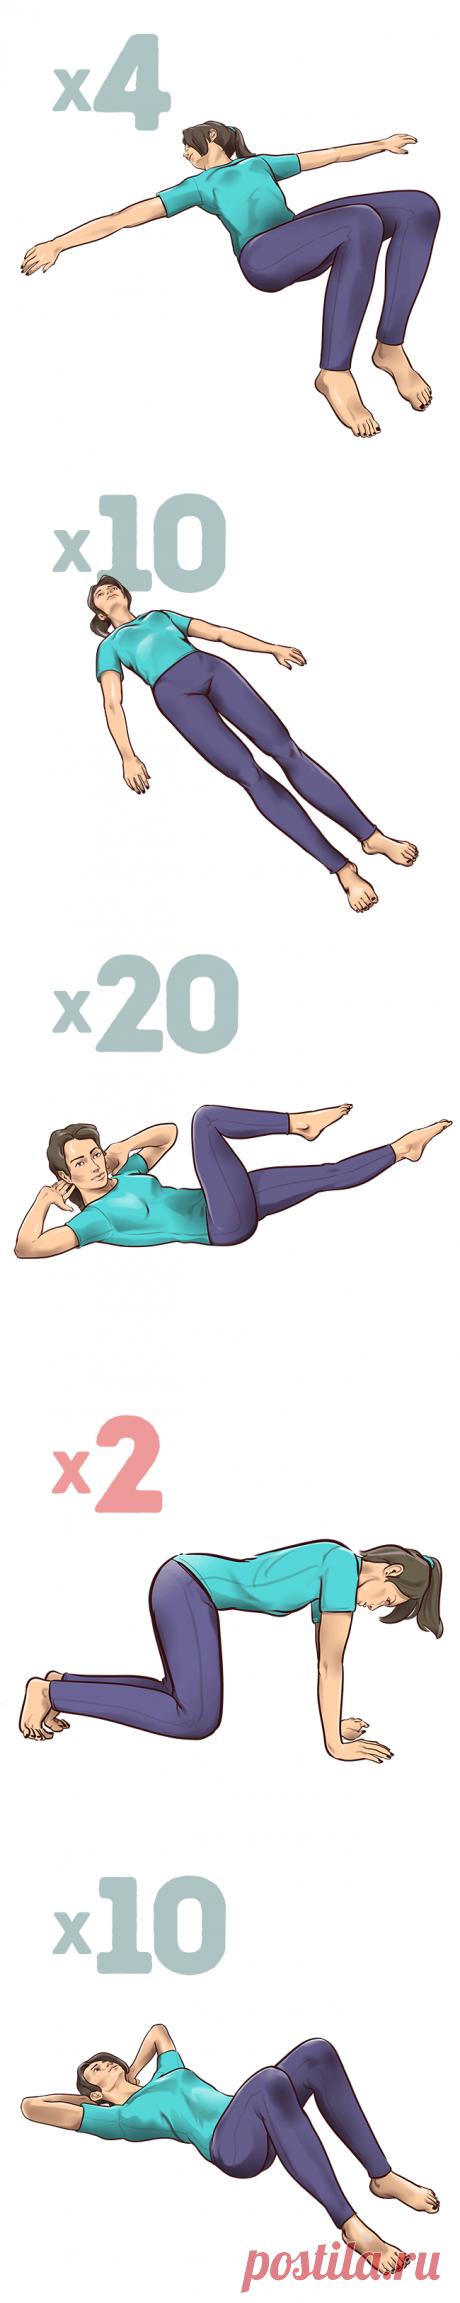 Los ejercicios de 1 minutos al tirante, que le salvarán del dolor en la espalda